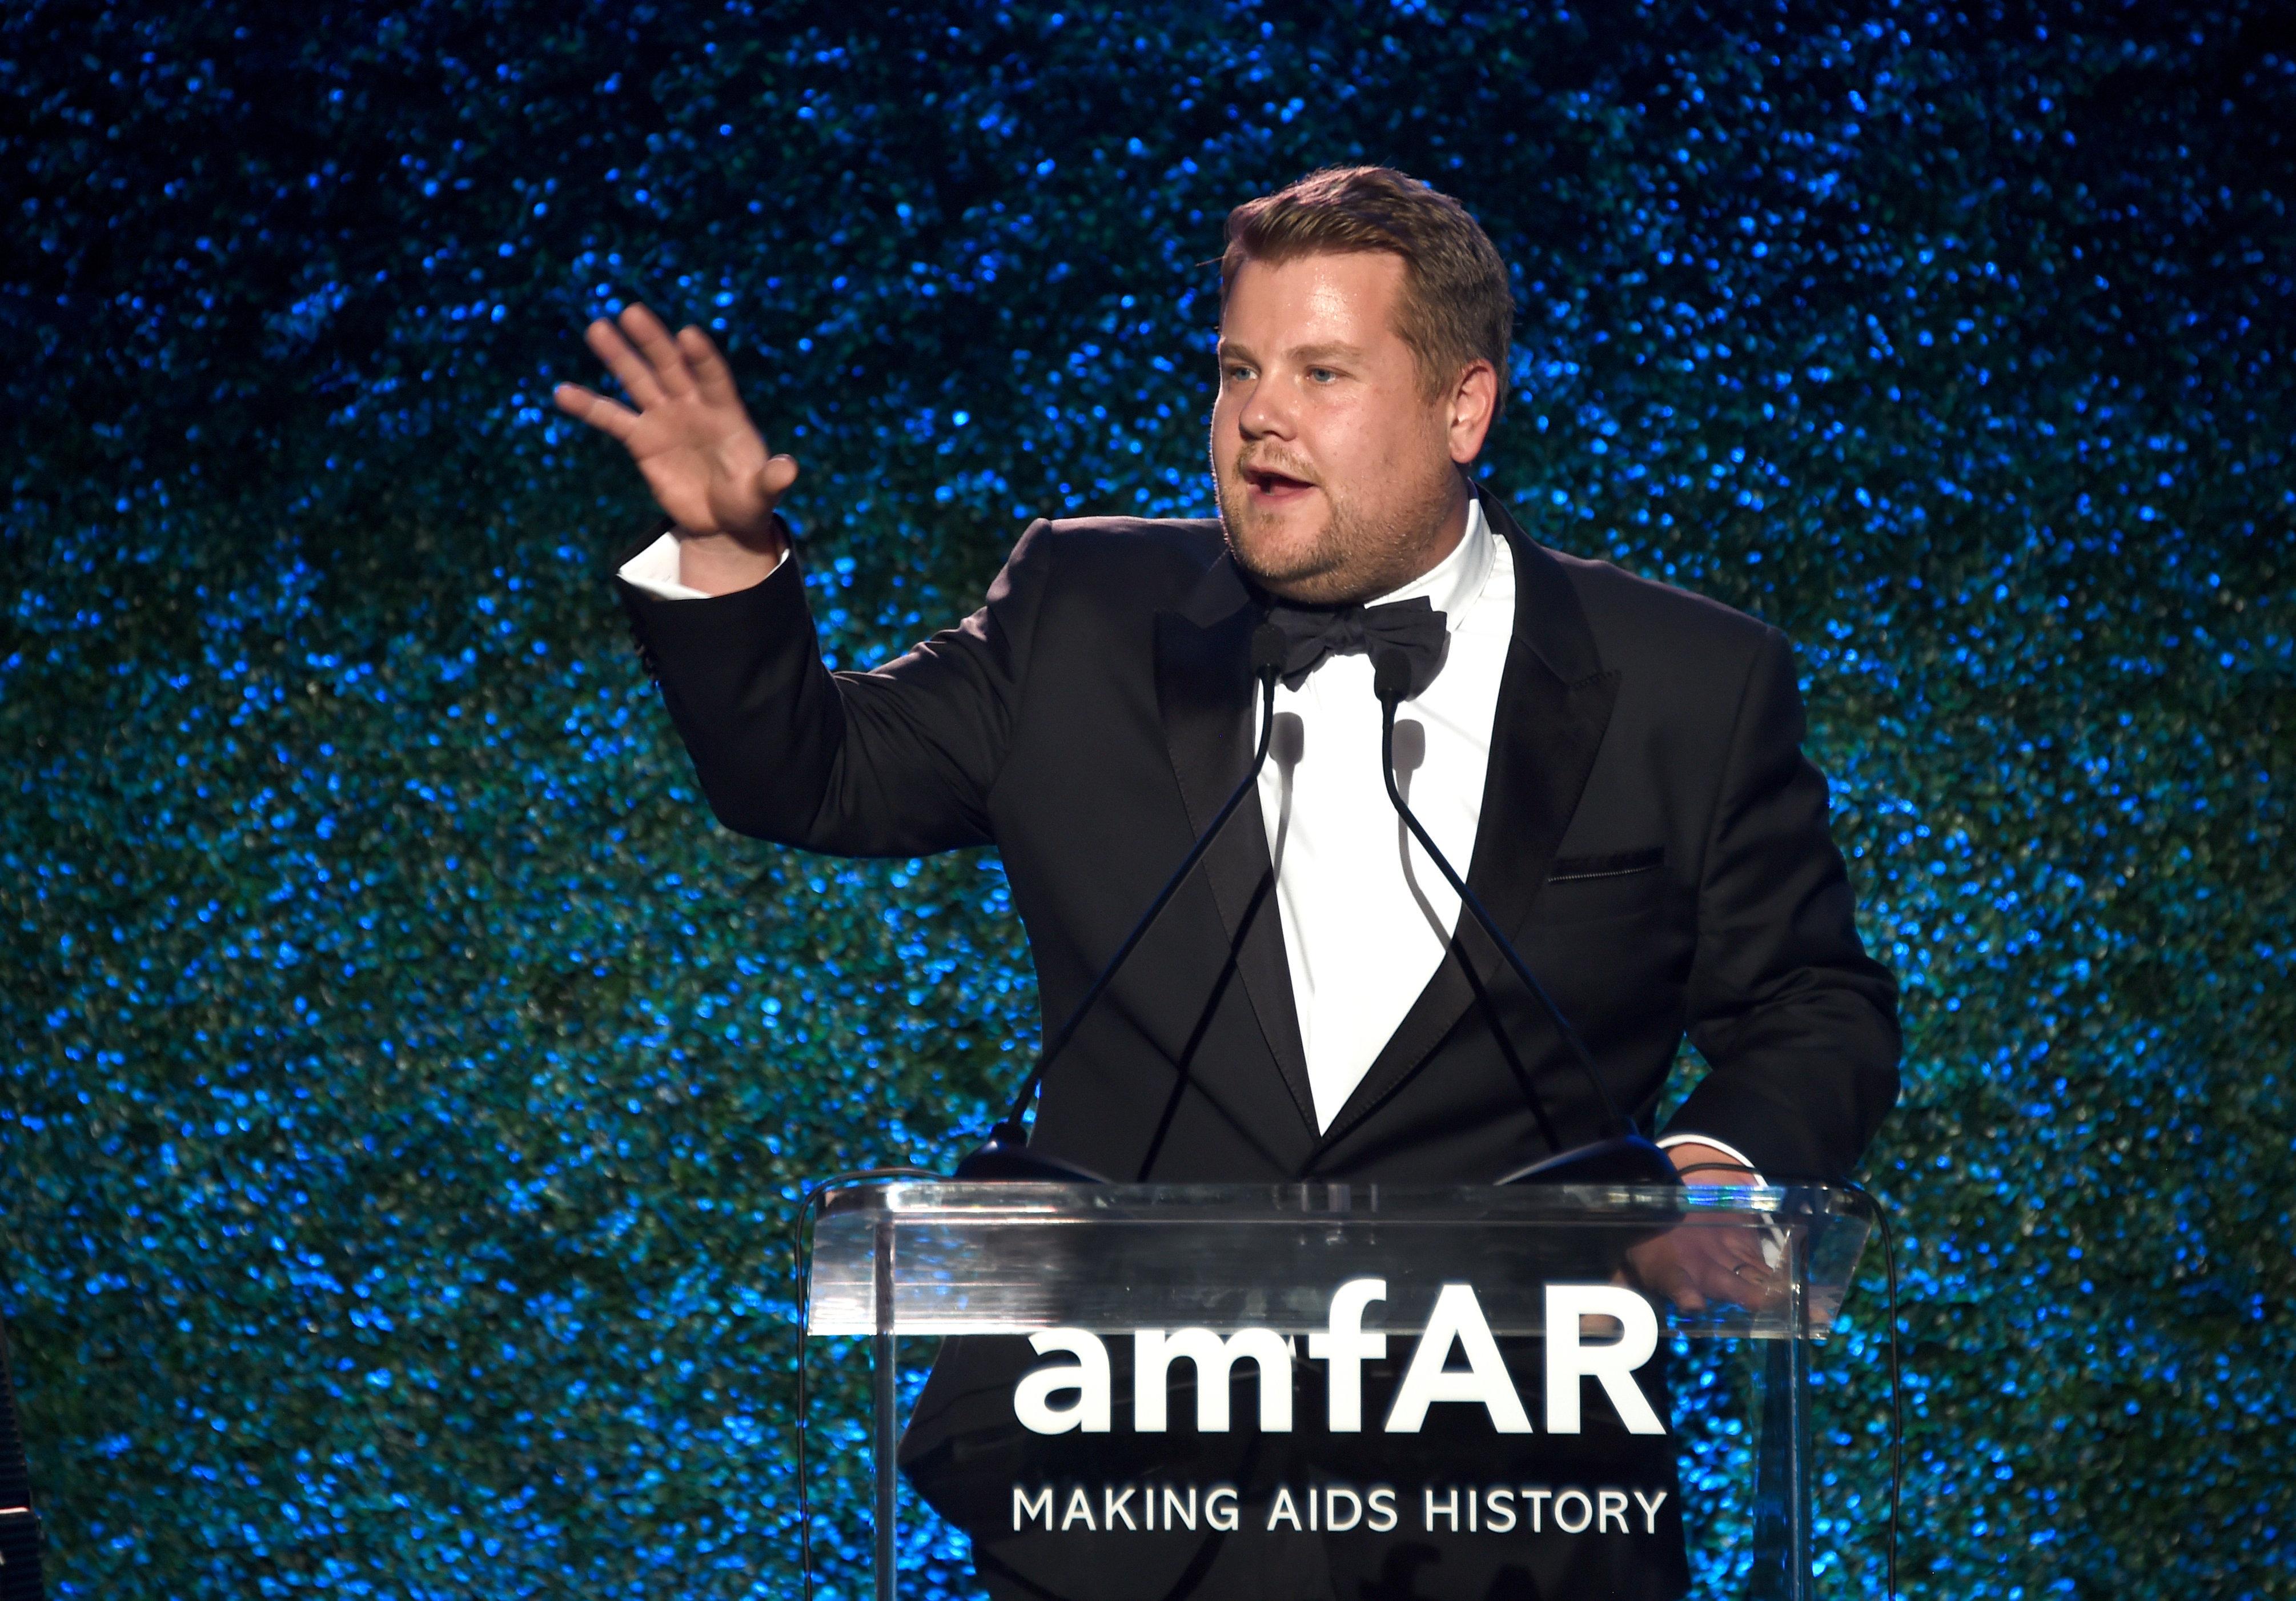 James Corden's Harvey Weinstein Jokes Elicit Groans,